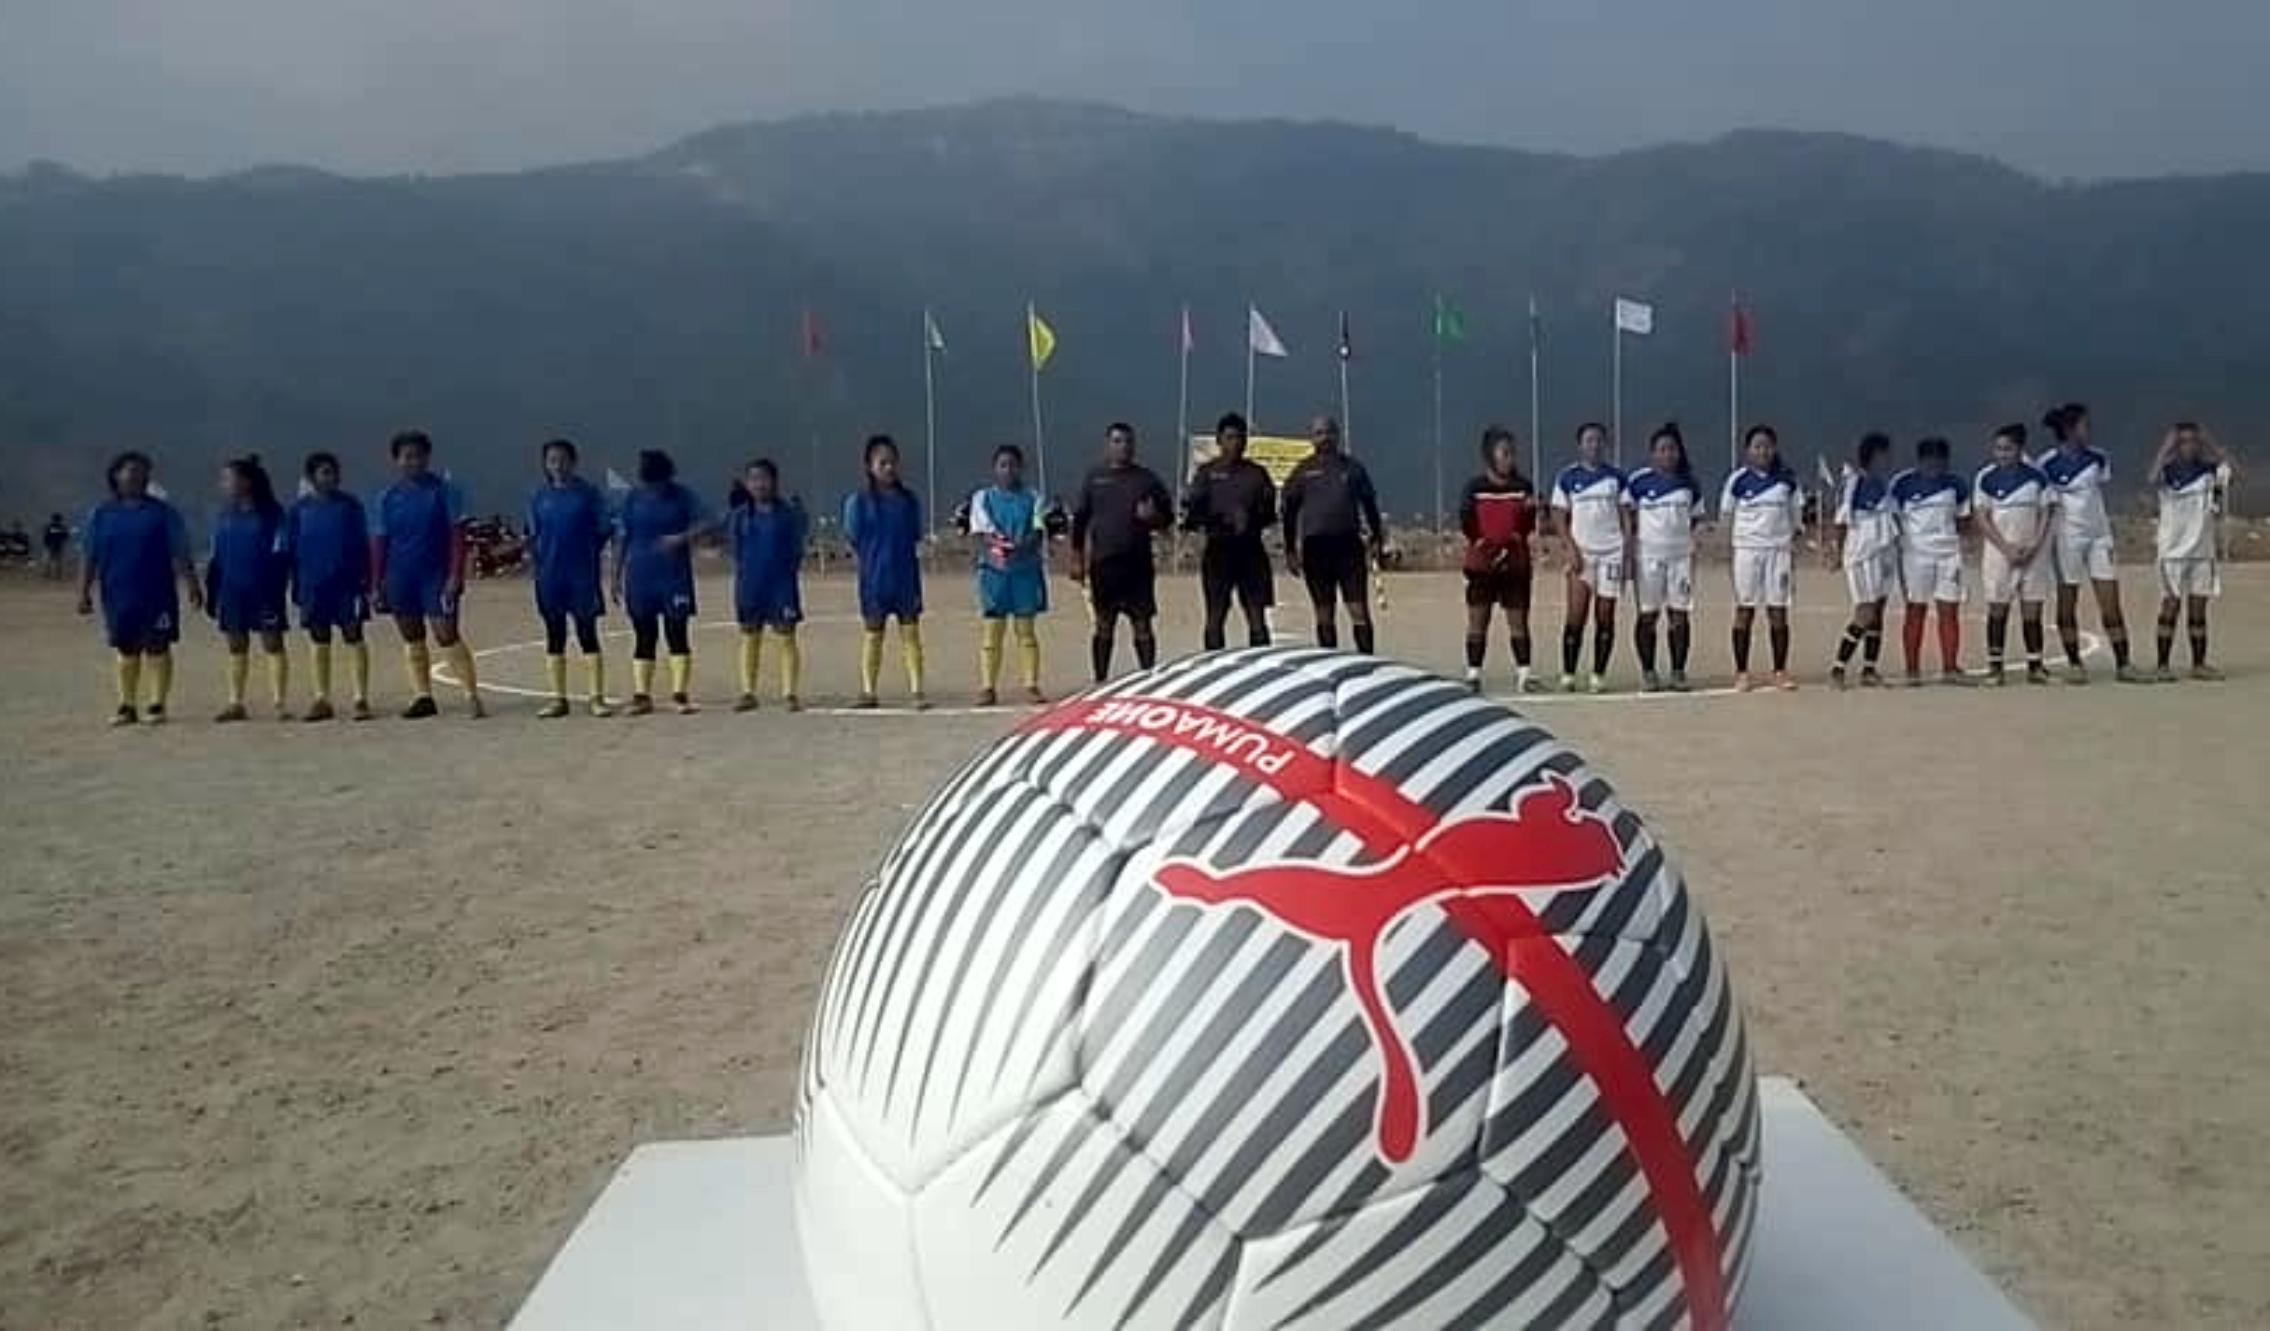 माङसेबुङमा पबित्रहाङमा कप खेलकुद प्रतियोगिता शुरु